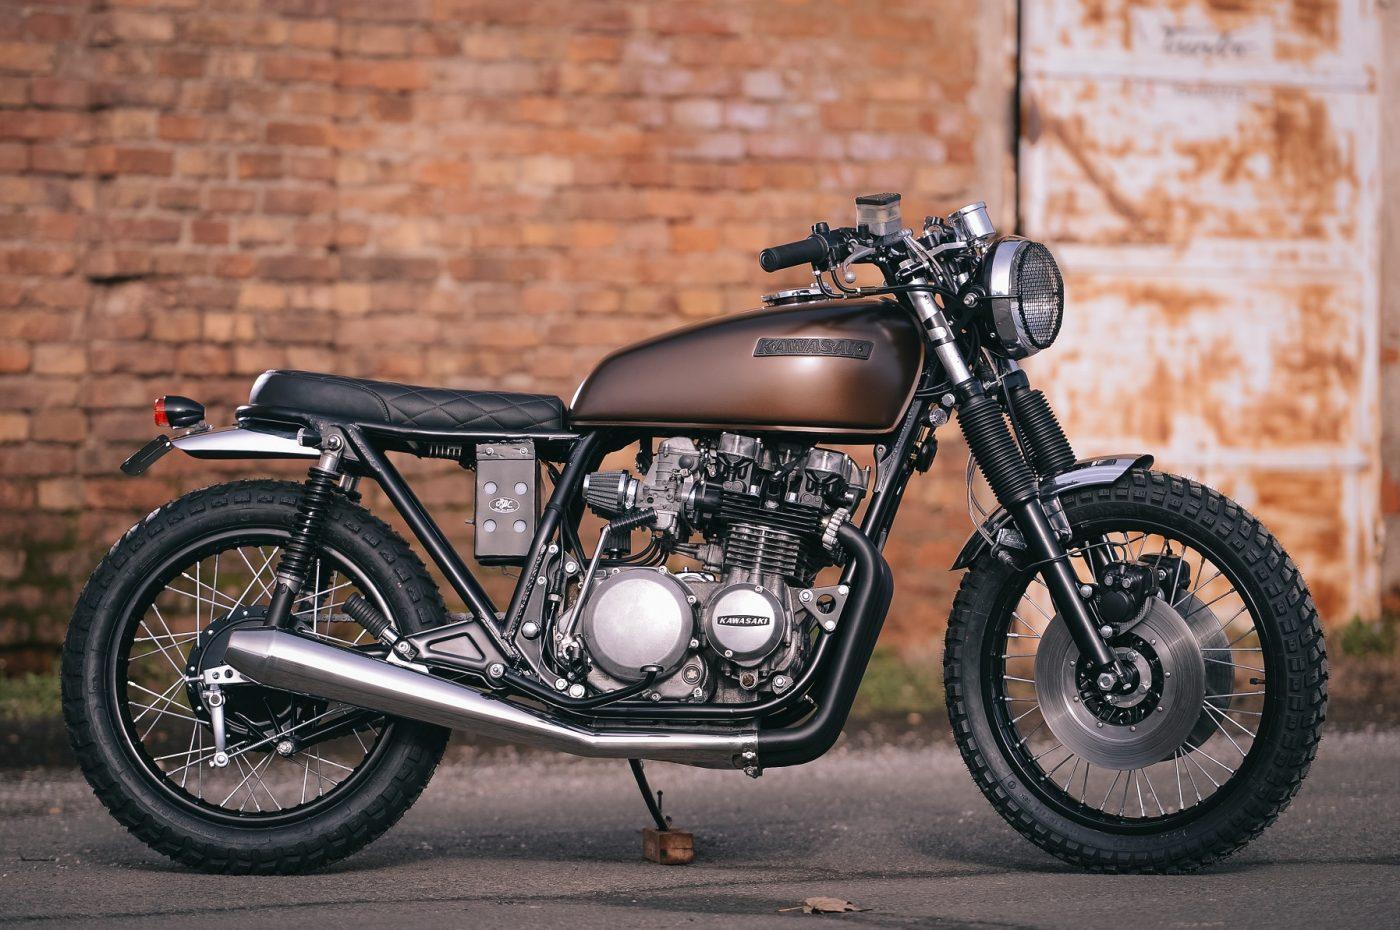 Kawasaki Z650 Heritage Retro Bikes Croatia